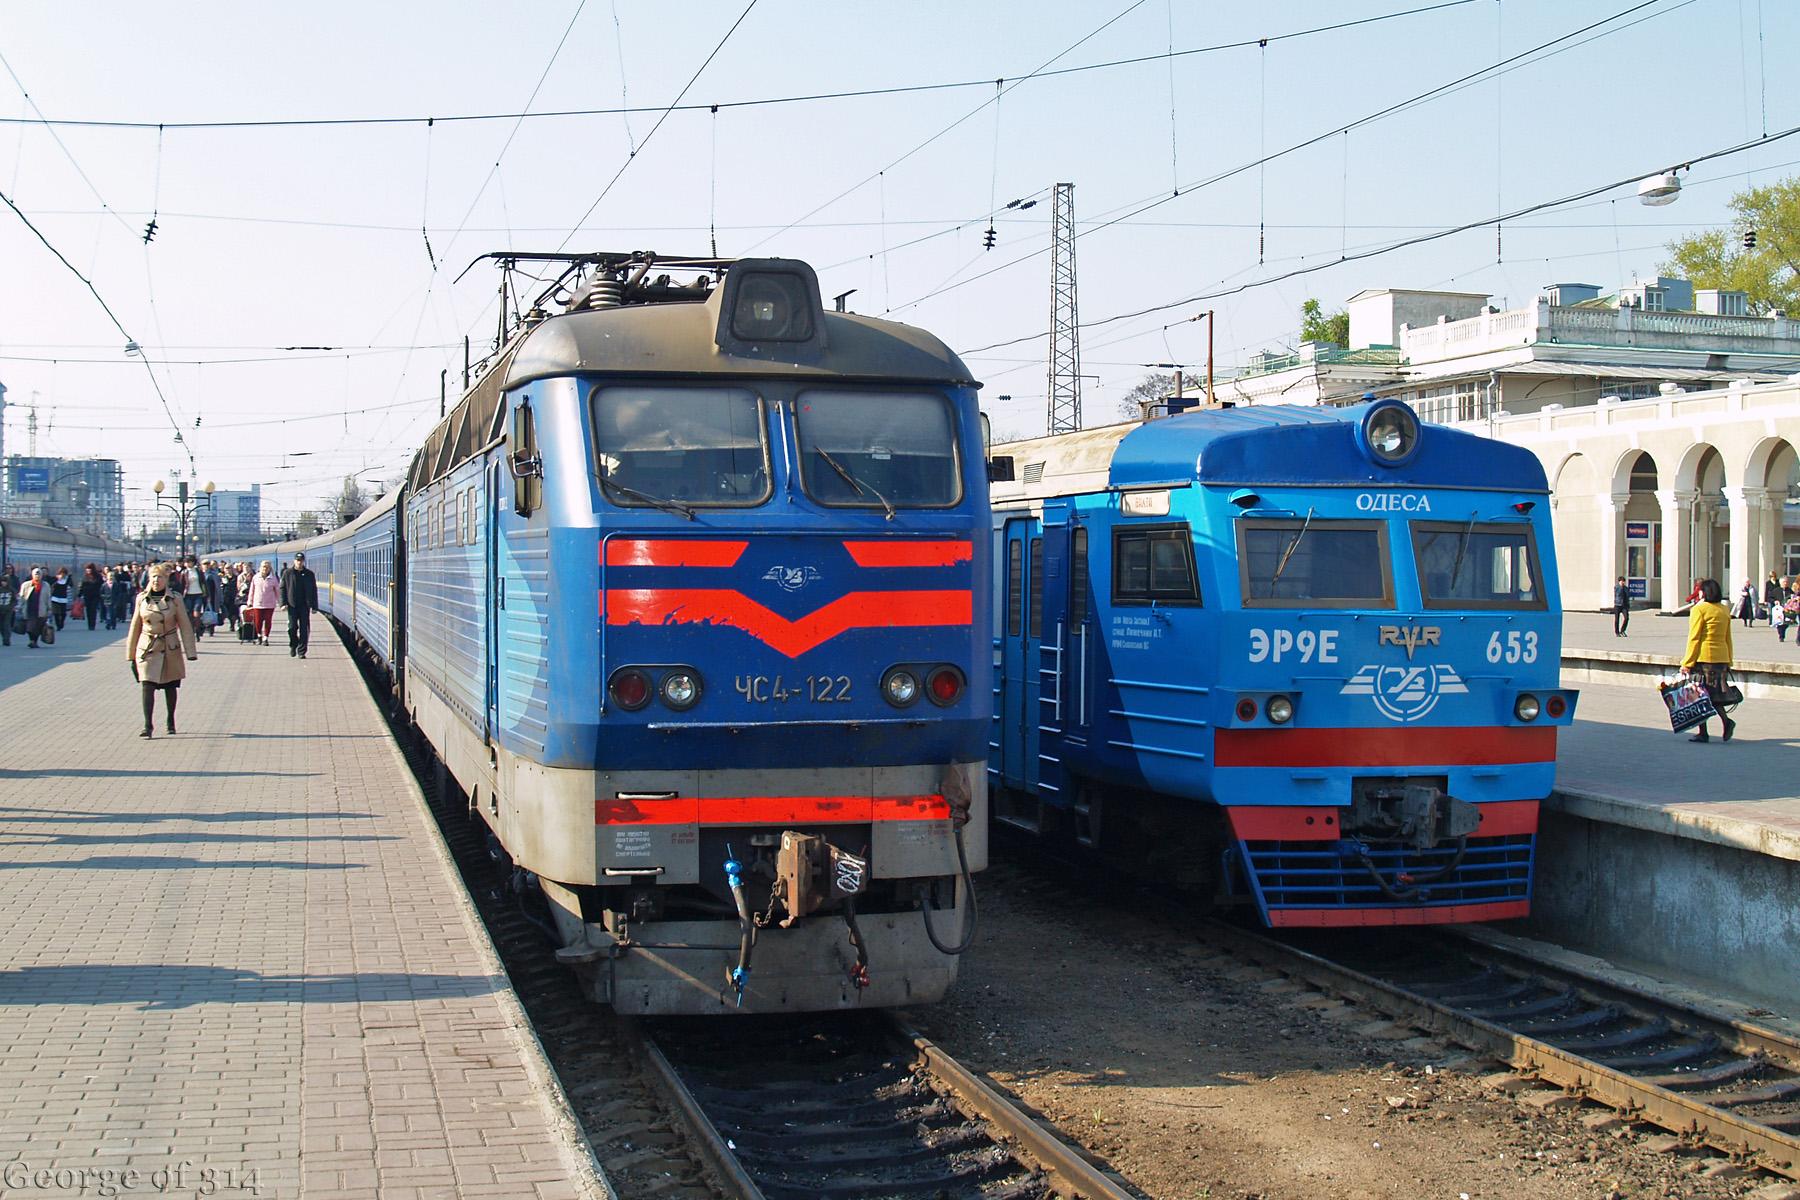 Електровоз ЧС4-122 та електропоїзд ЭР9Е-653